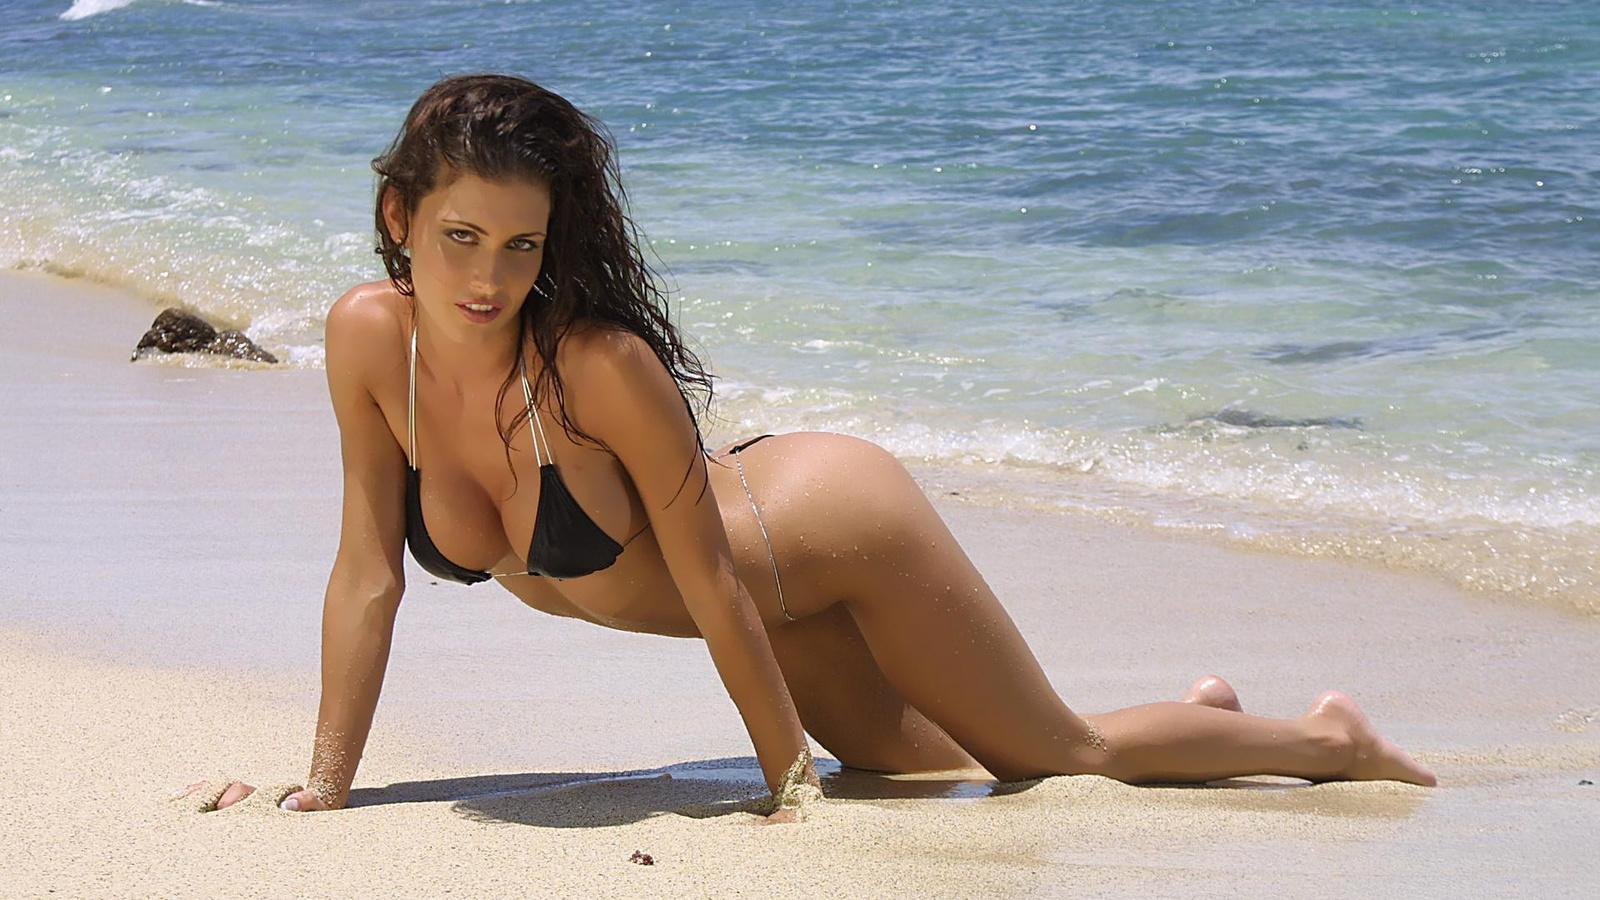 психологом несколько фото южная красавица на пляже самом деле что